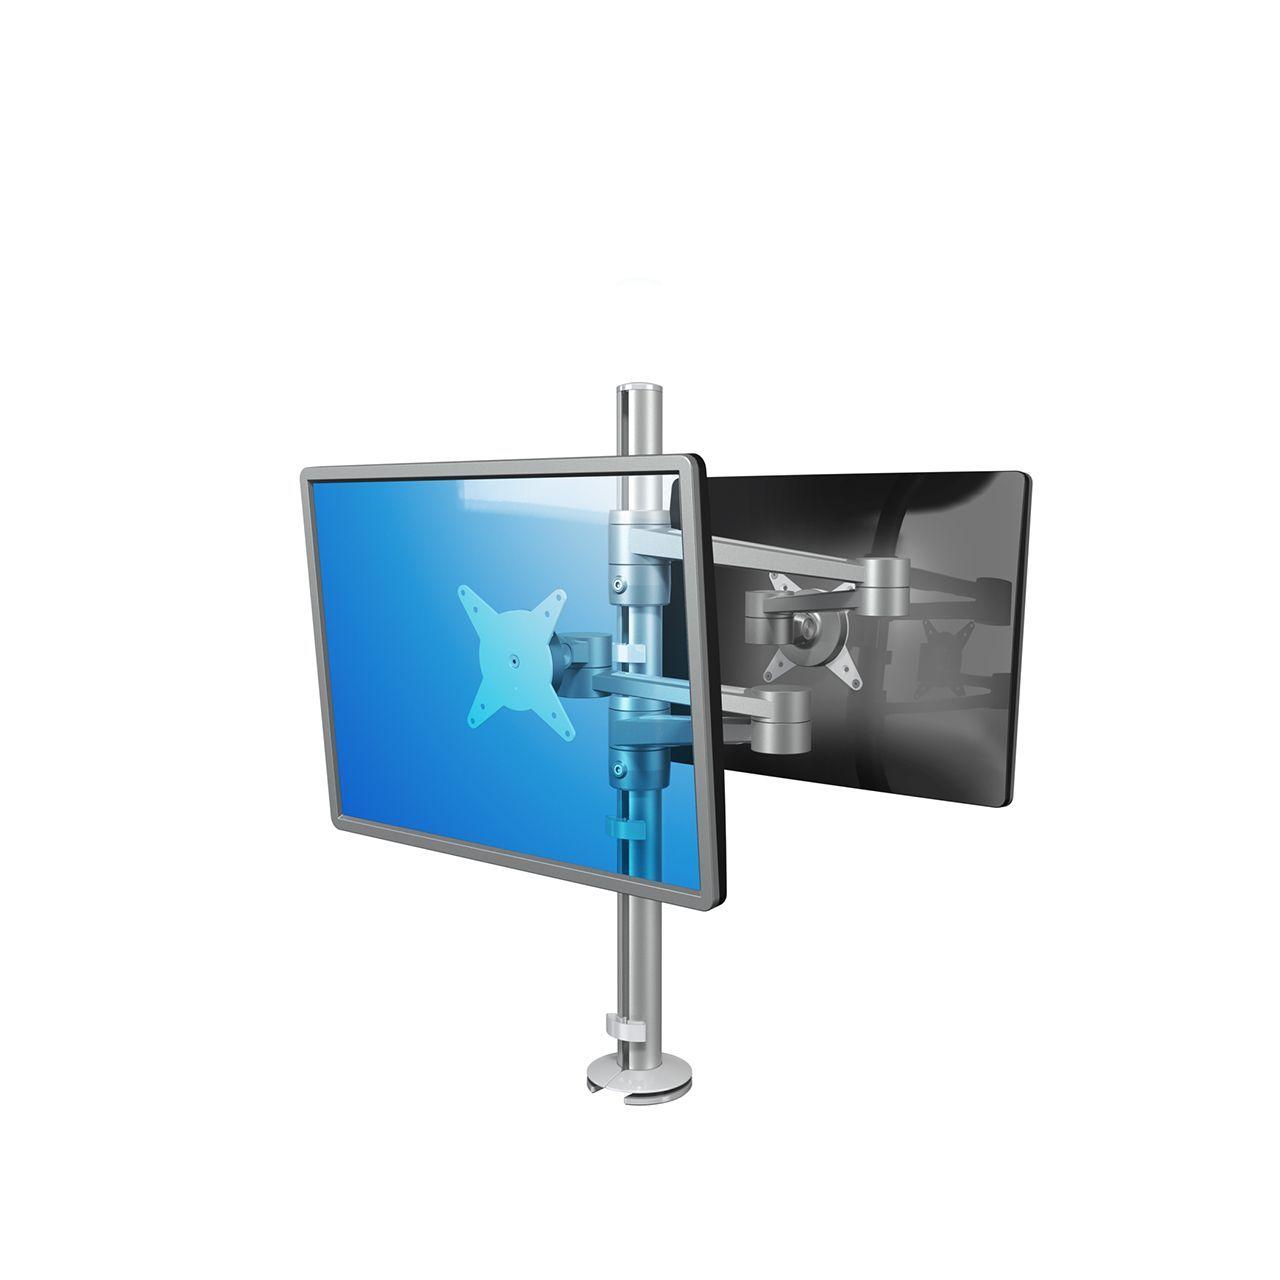 Viewlite dual flatscreenarmen ERKAVLI05 0000s 0002 Dubbel